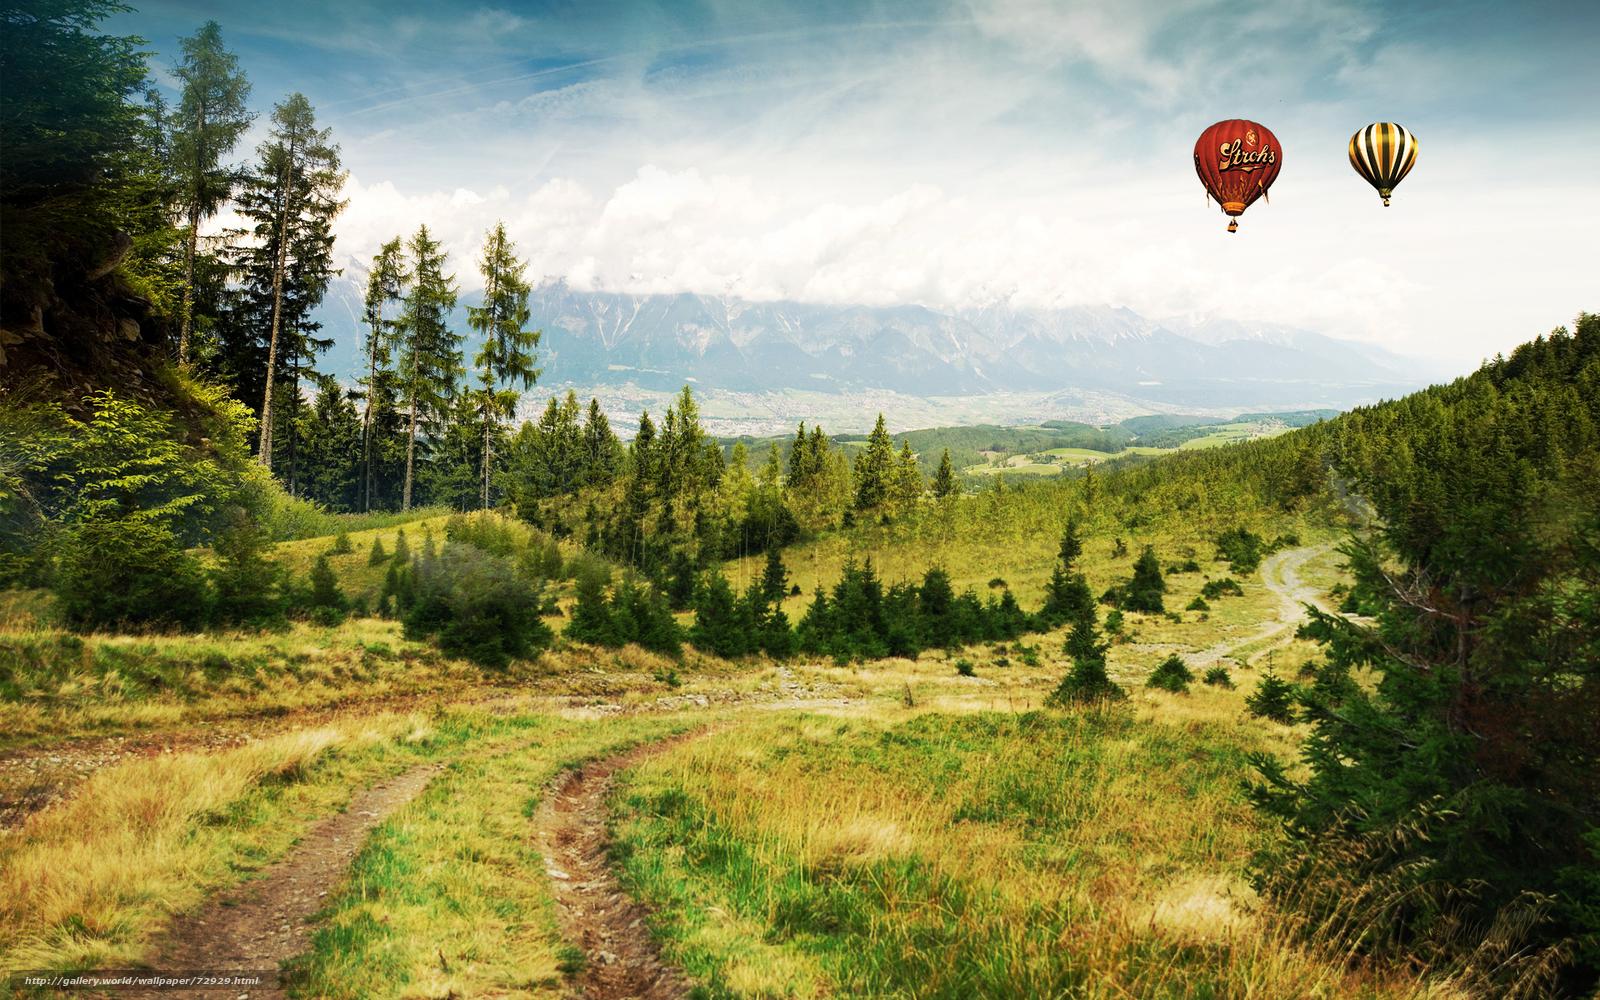 Скачать обои дорога,  лес,  горы,  воздушные шары бесплатно для рабочего стола в разрешении 1920x1200 — картинка №72929